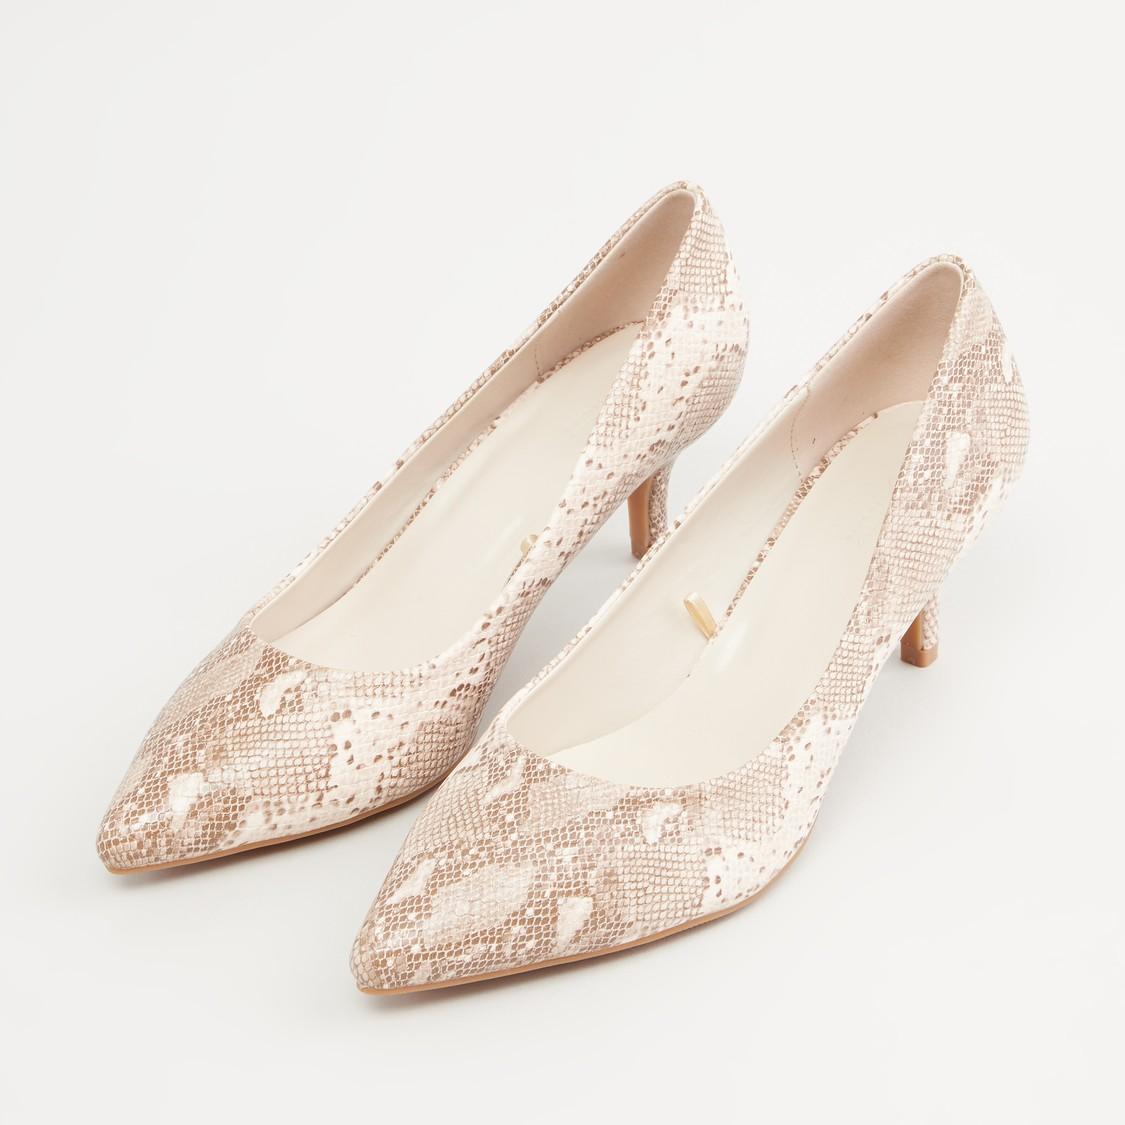 حذاء كلاسيكي بارز الملمس بكعب صغير